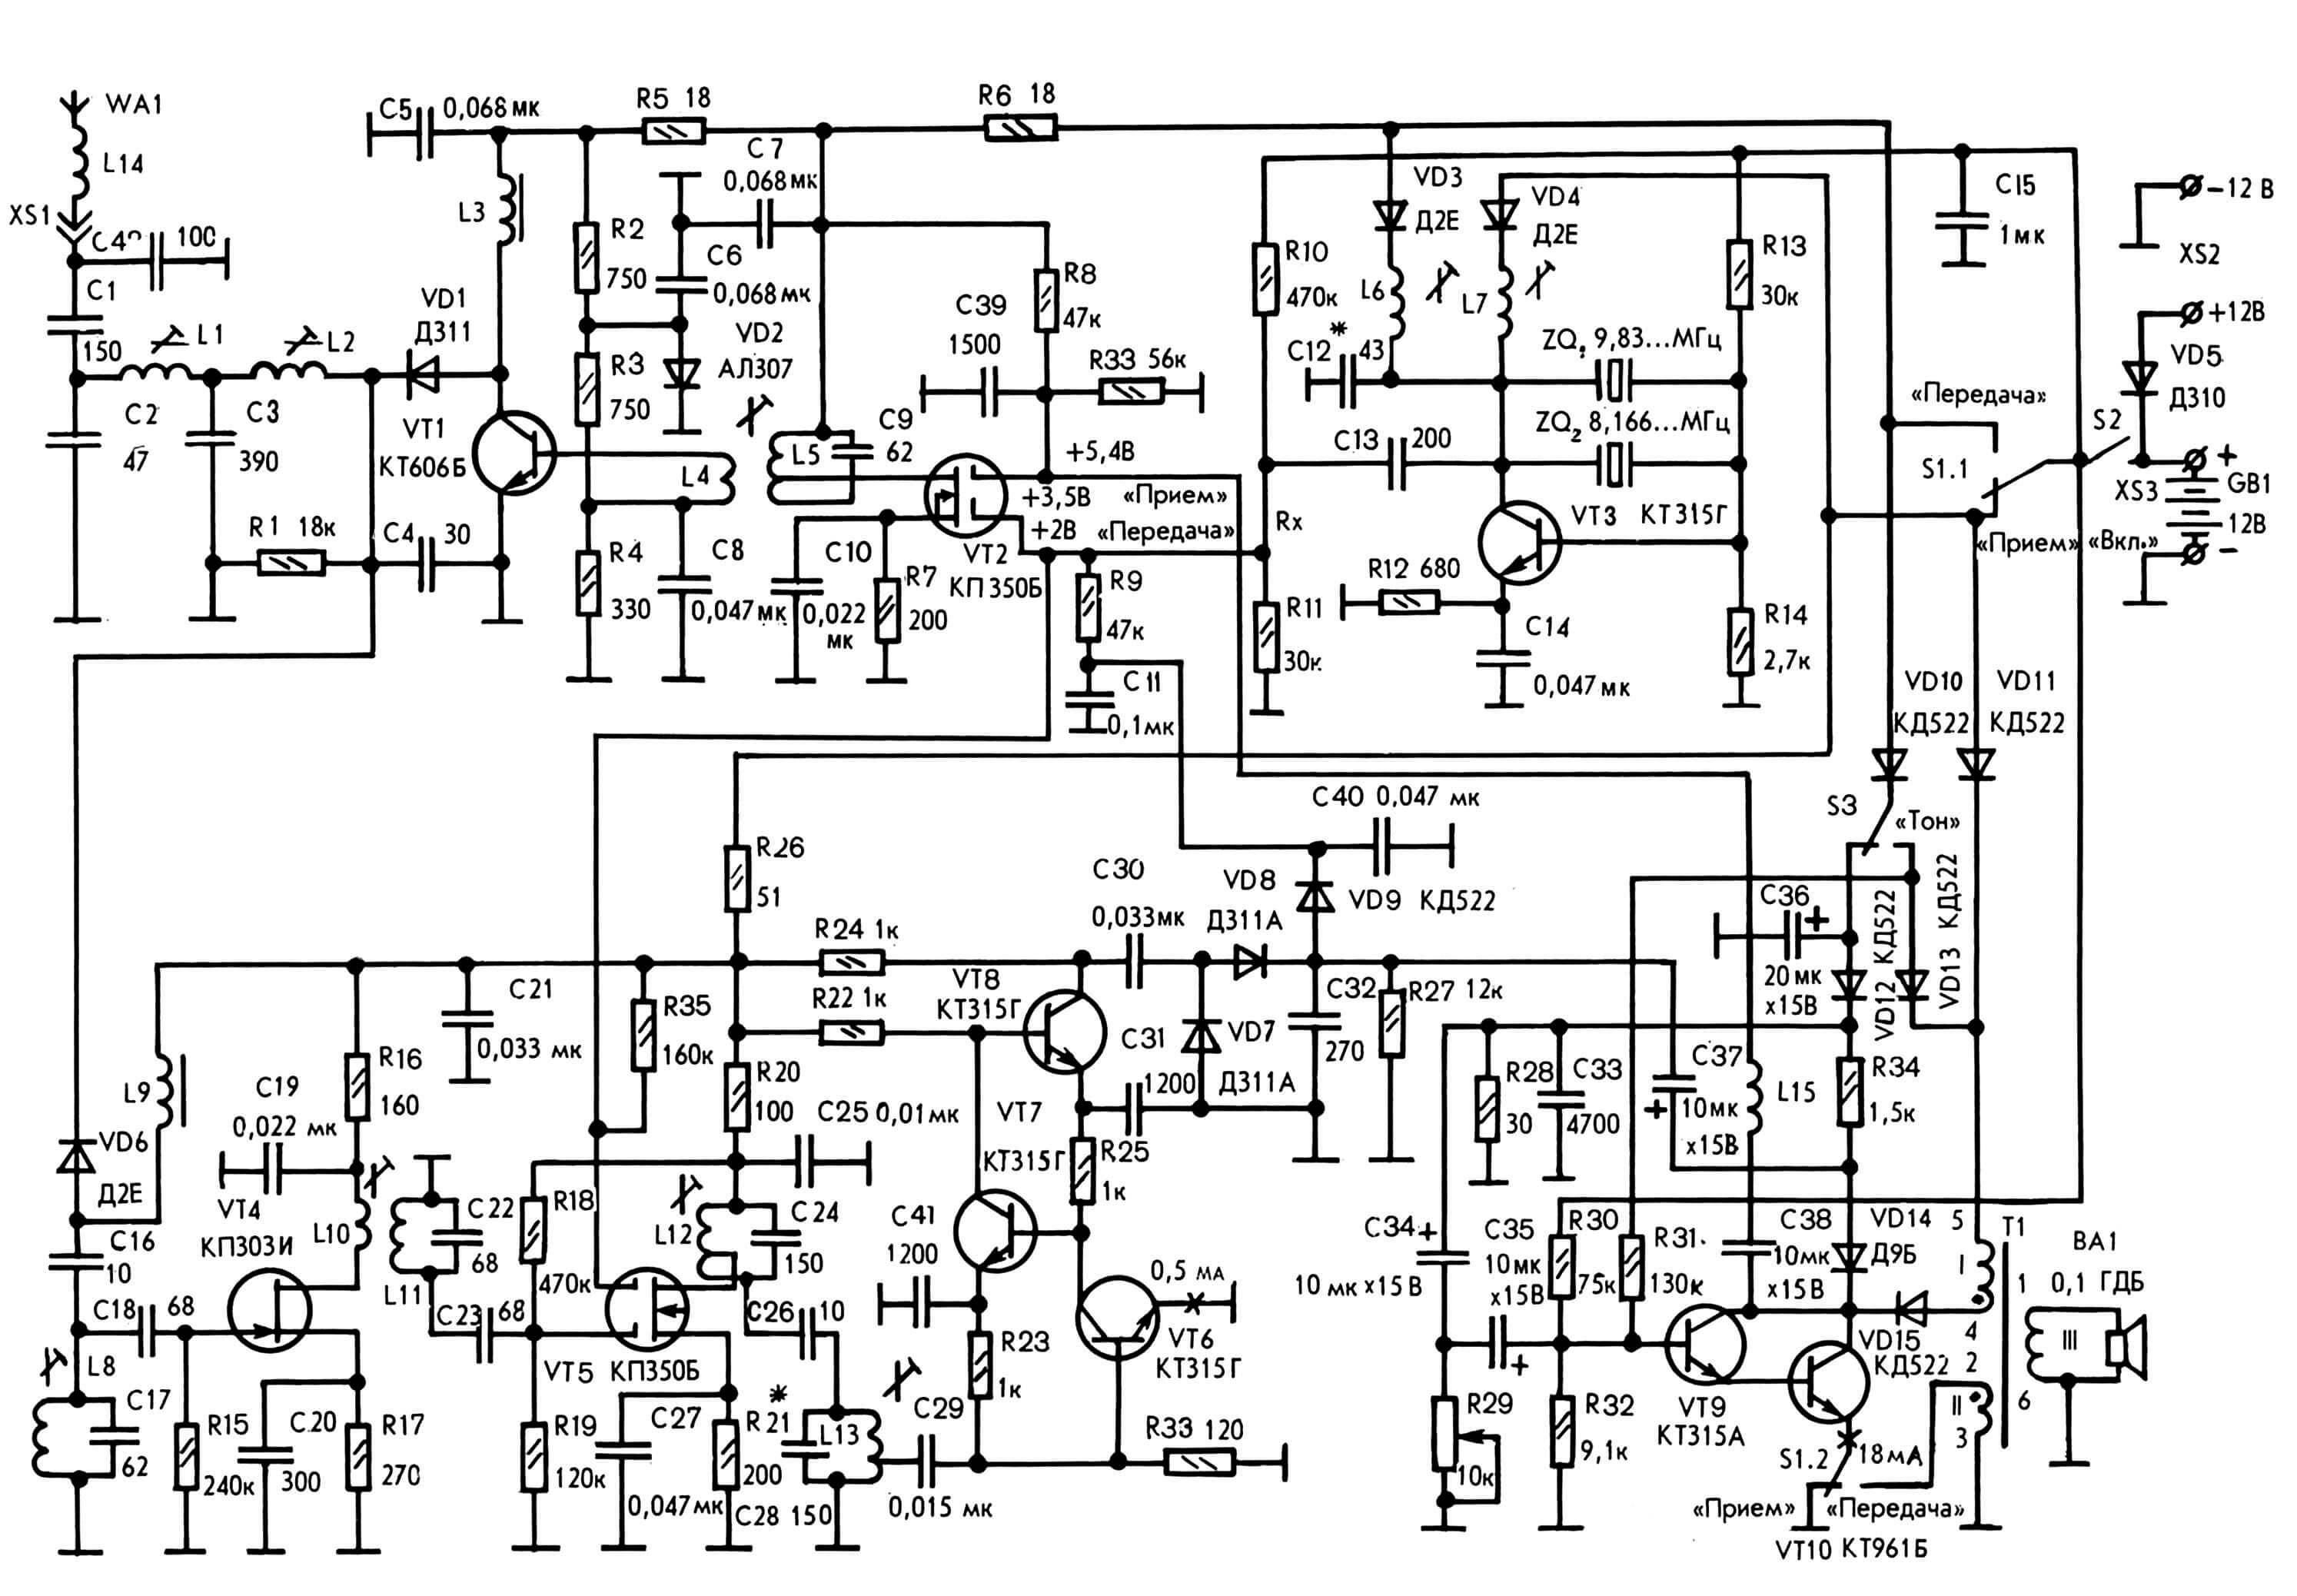 Принципиальная электрическая схема приемопередающей радиостанции с CLC модуляцией.